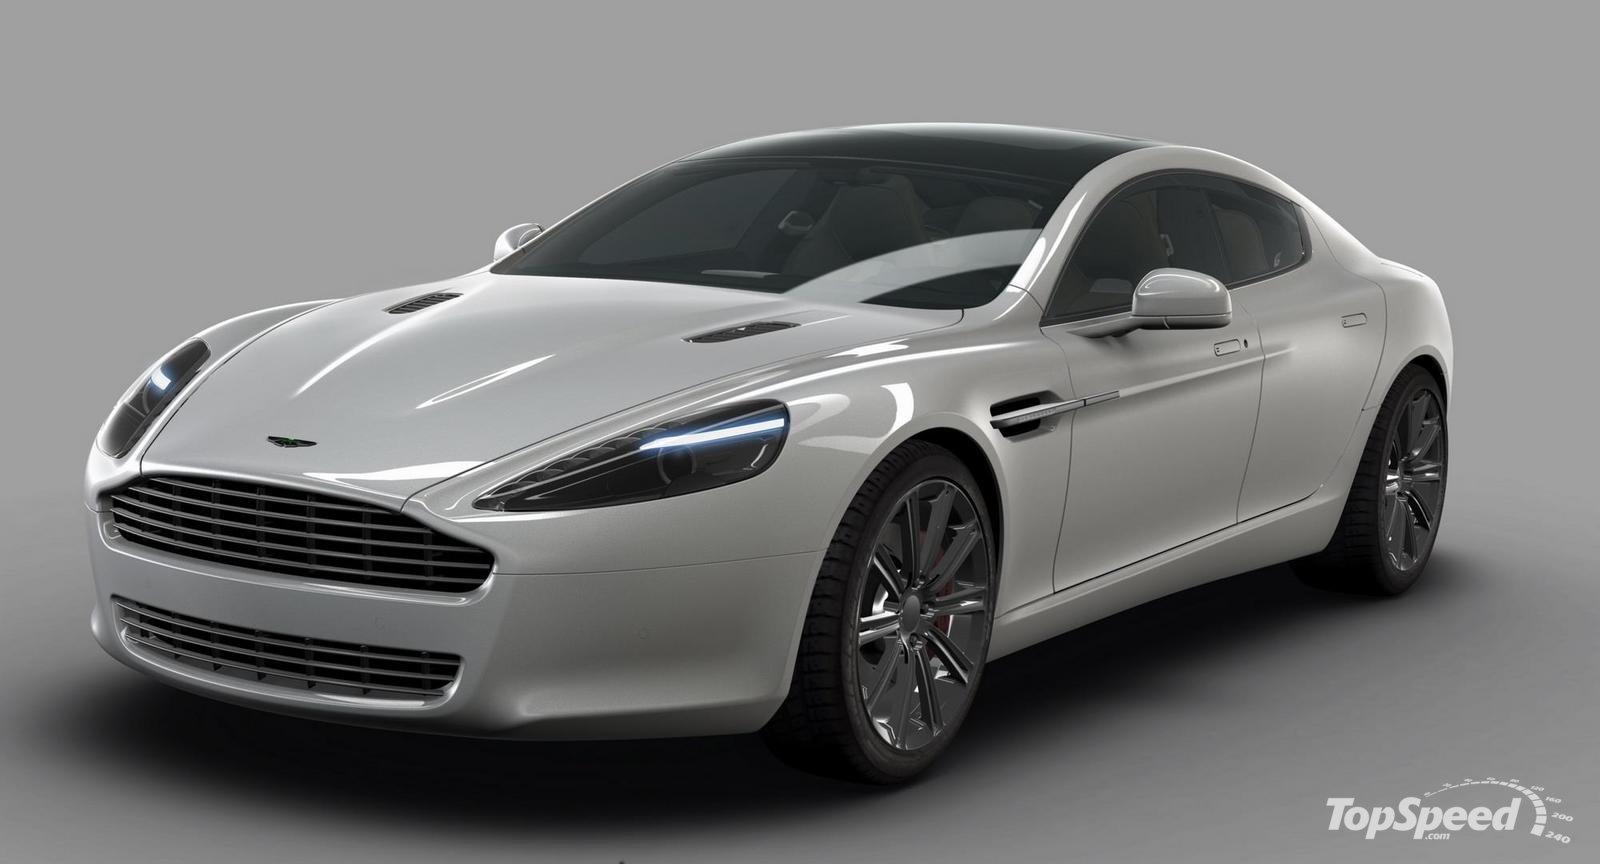 01-2014-aston-martin-rapide-s-fd Aston Martin 2015 Rapide S 4 Door Sedan